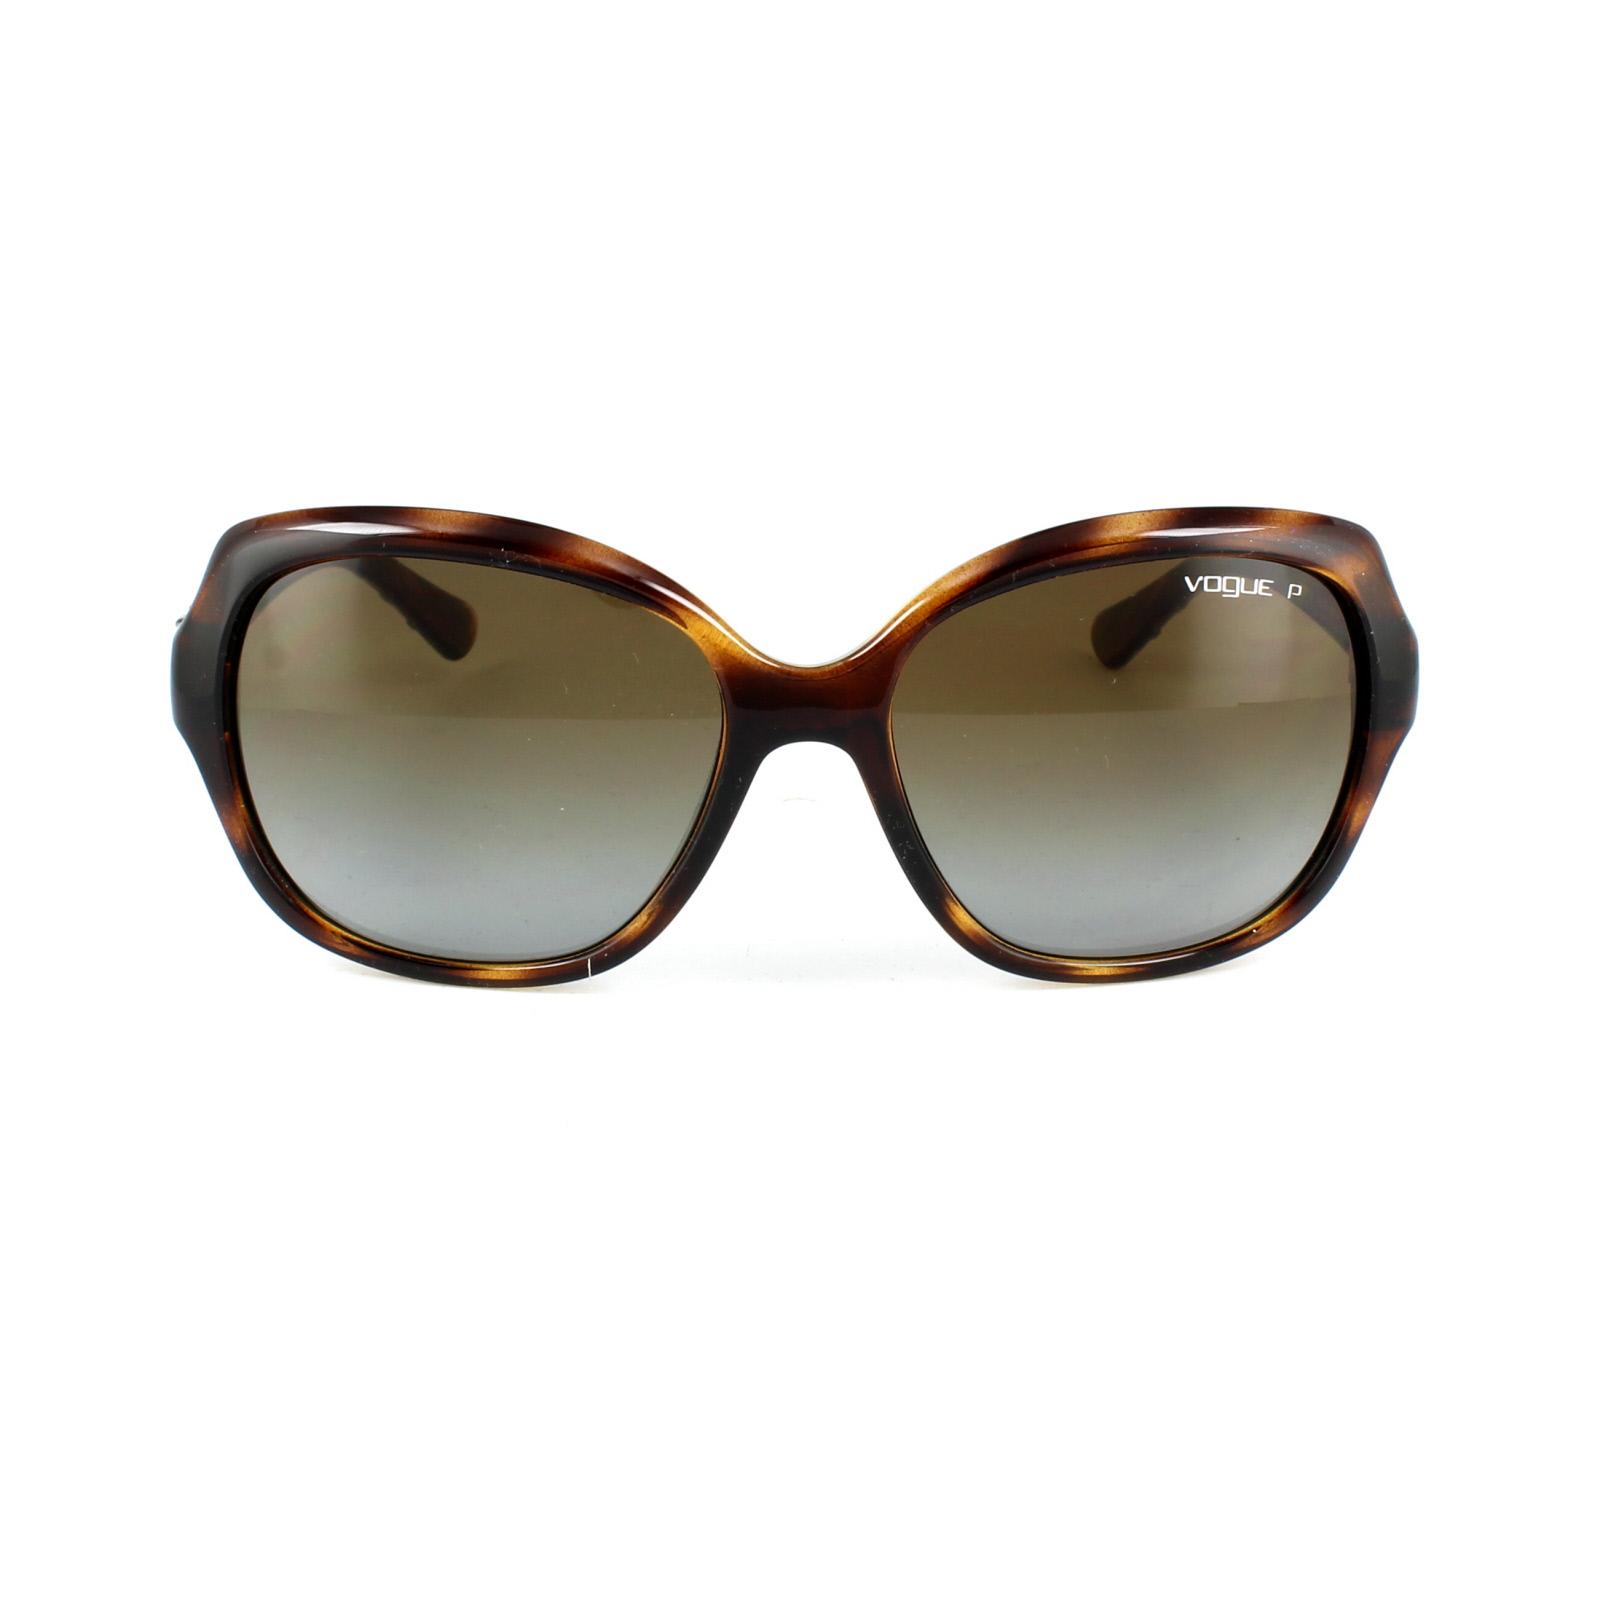 07ceff8cd8 Sentinel Vogue Sunglasses 2871S 1508T5 Dark Havana Brown Gradient Polarized